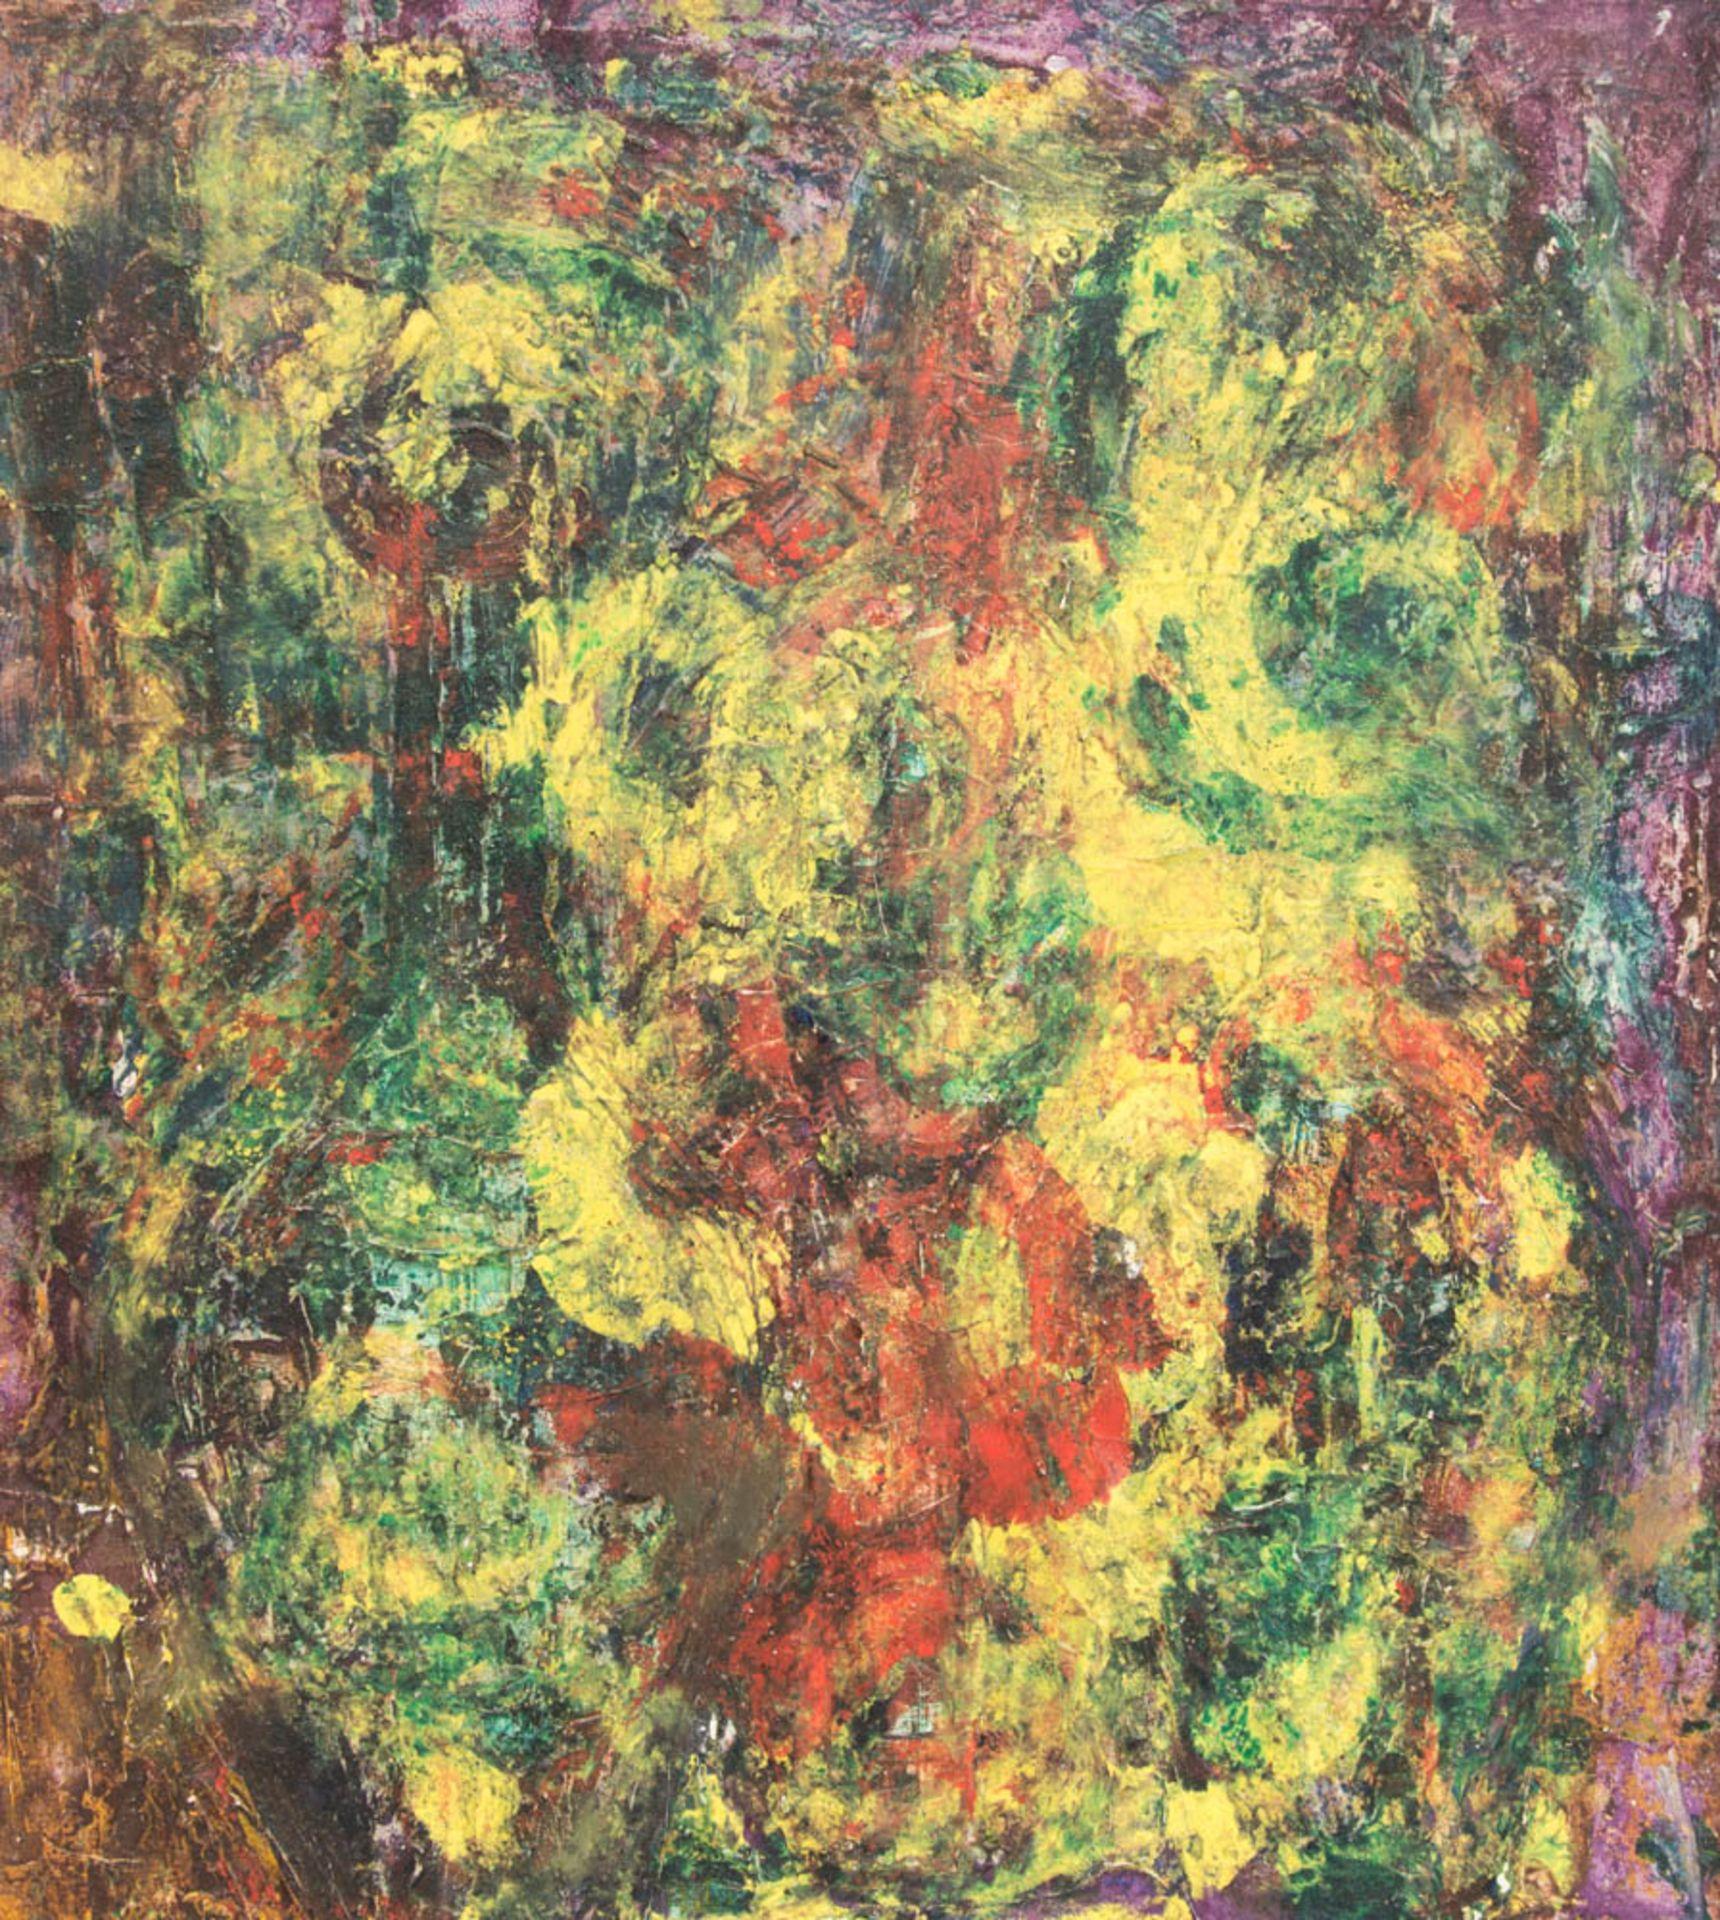 Abstrakte Komposition, Mischtechnik auf Platte 21. Jh. - Bild 3 aus 5